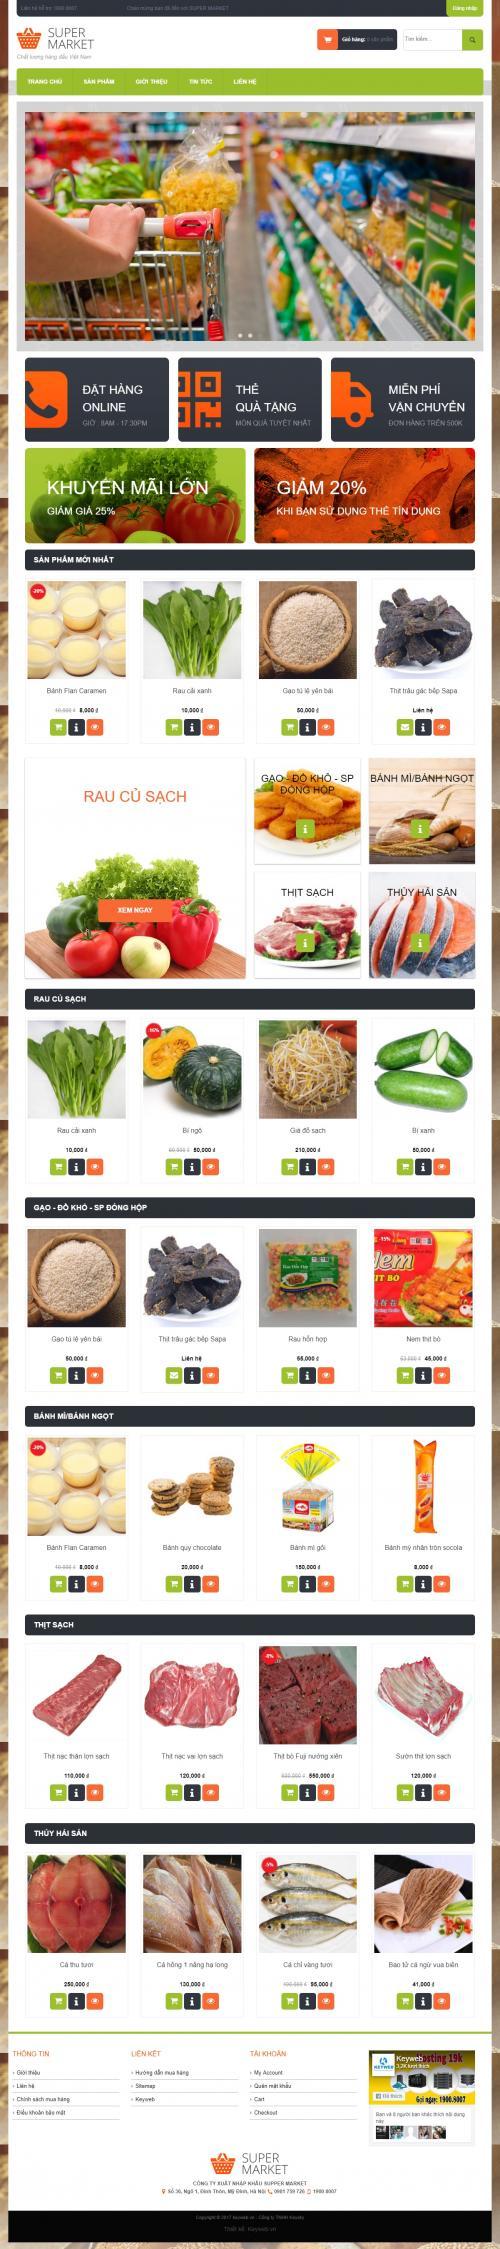 Dự án siêu thị nông sản